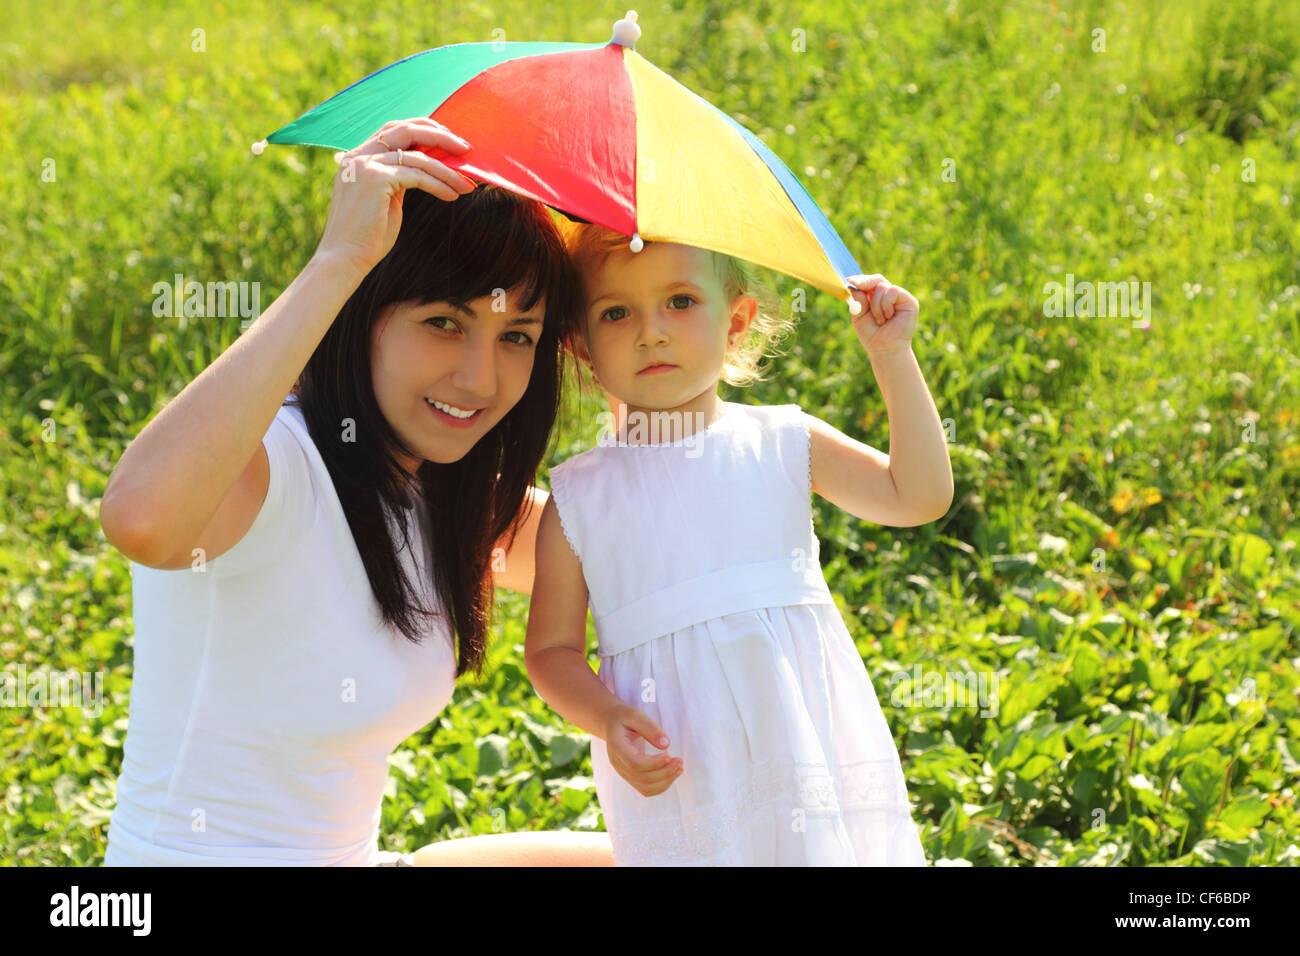 Garden Umbrella Stock Photos Amp Garden Umbrella Stock